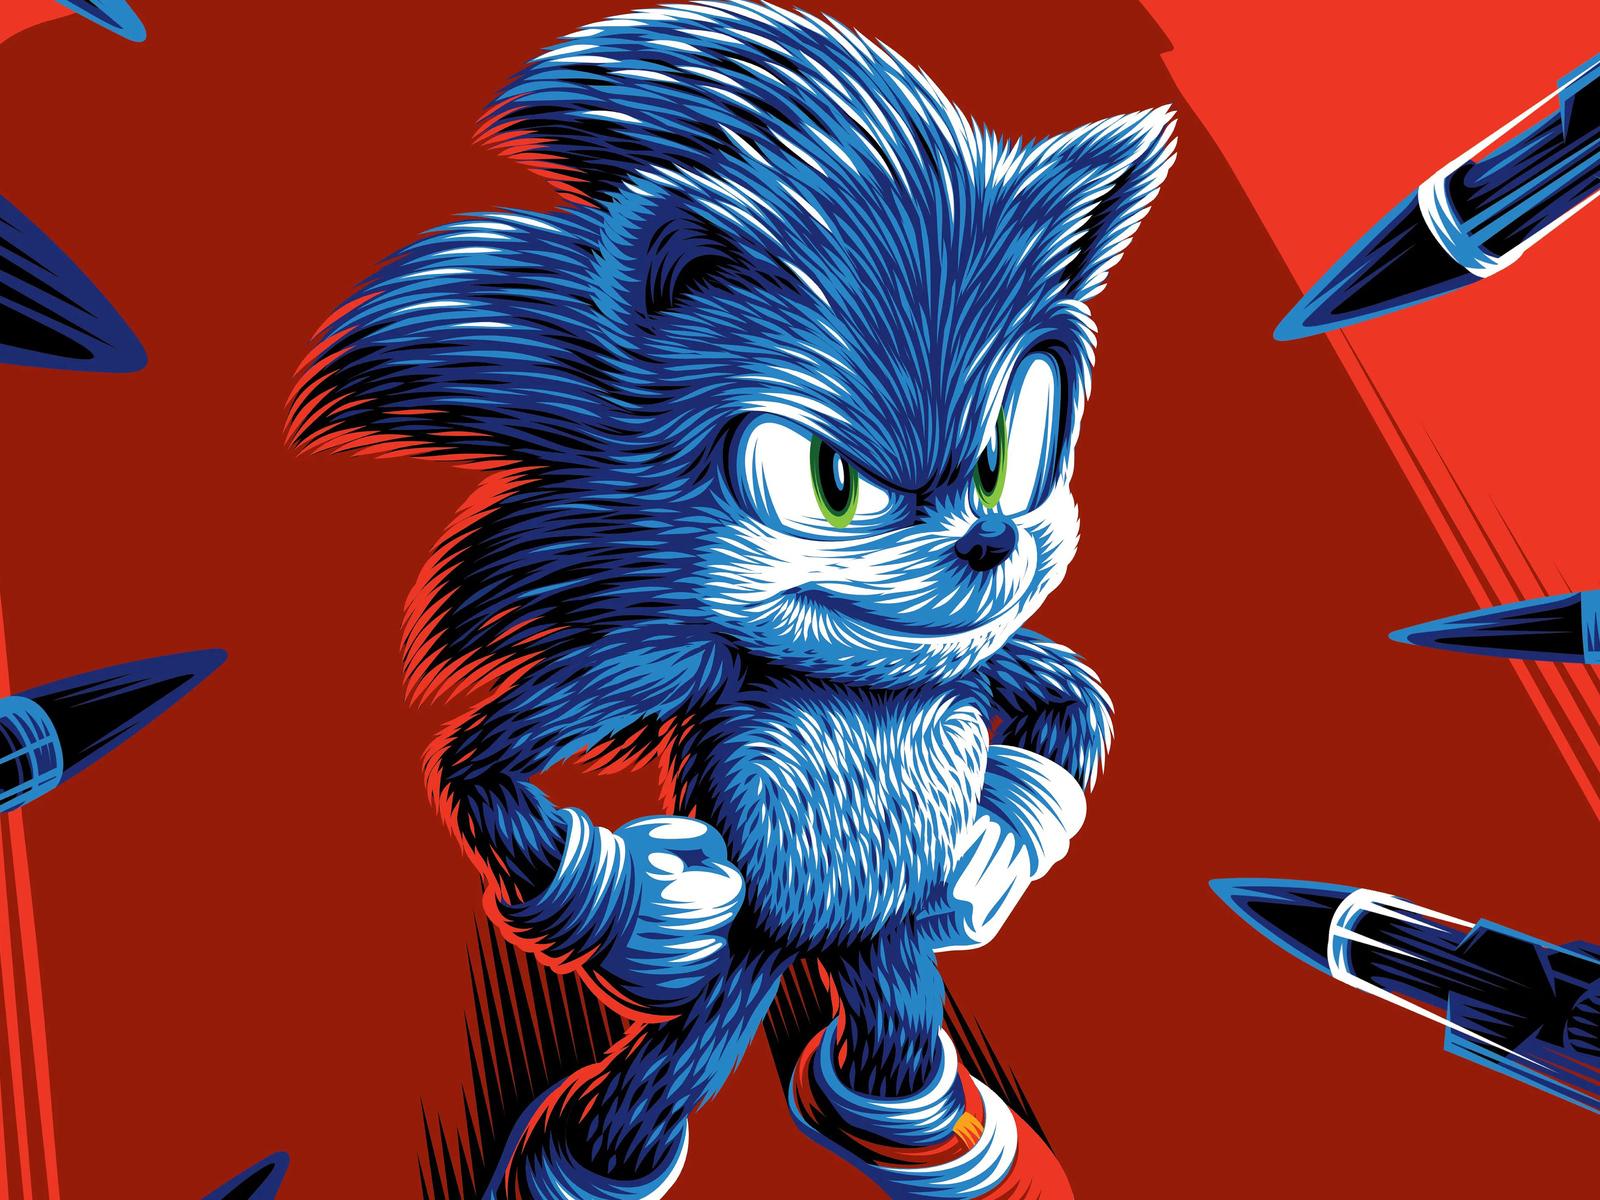 sonic-the-hedgehog-8k-vp.jpg